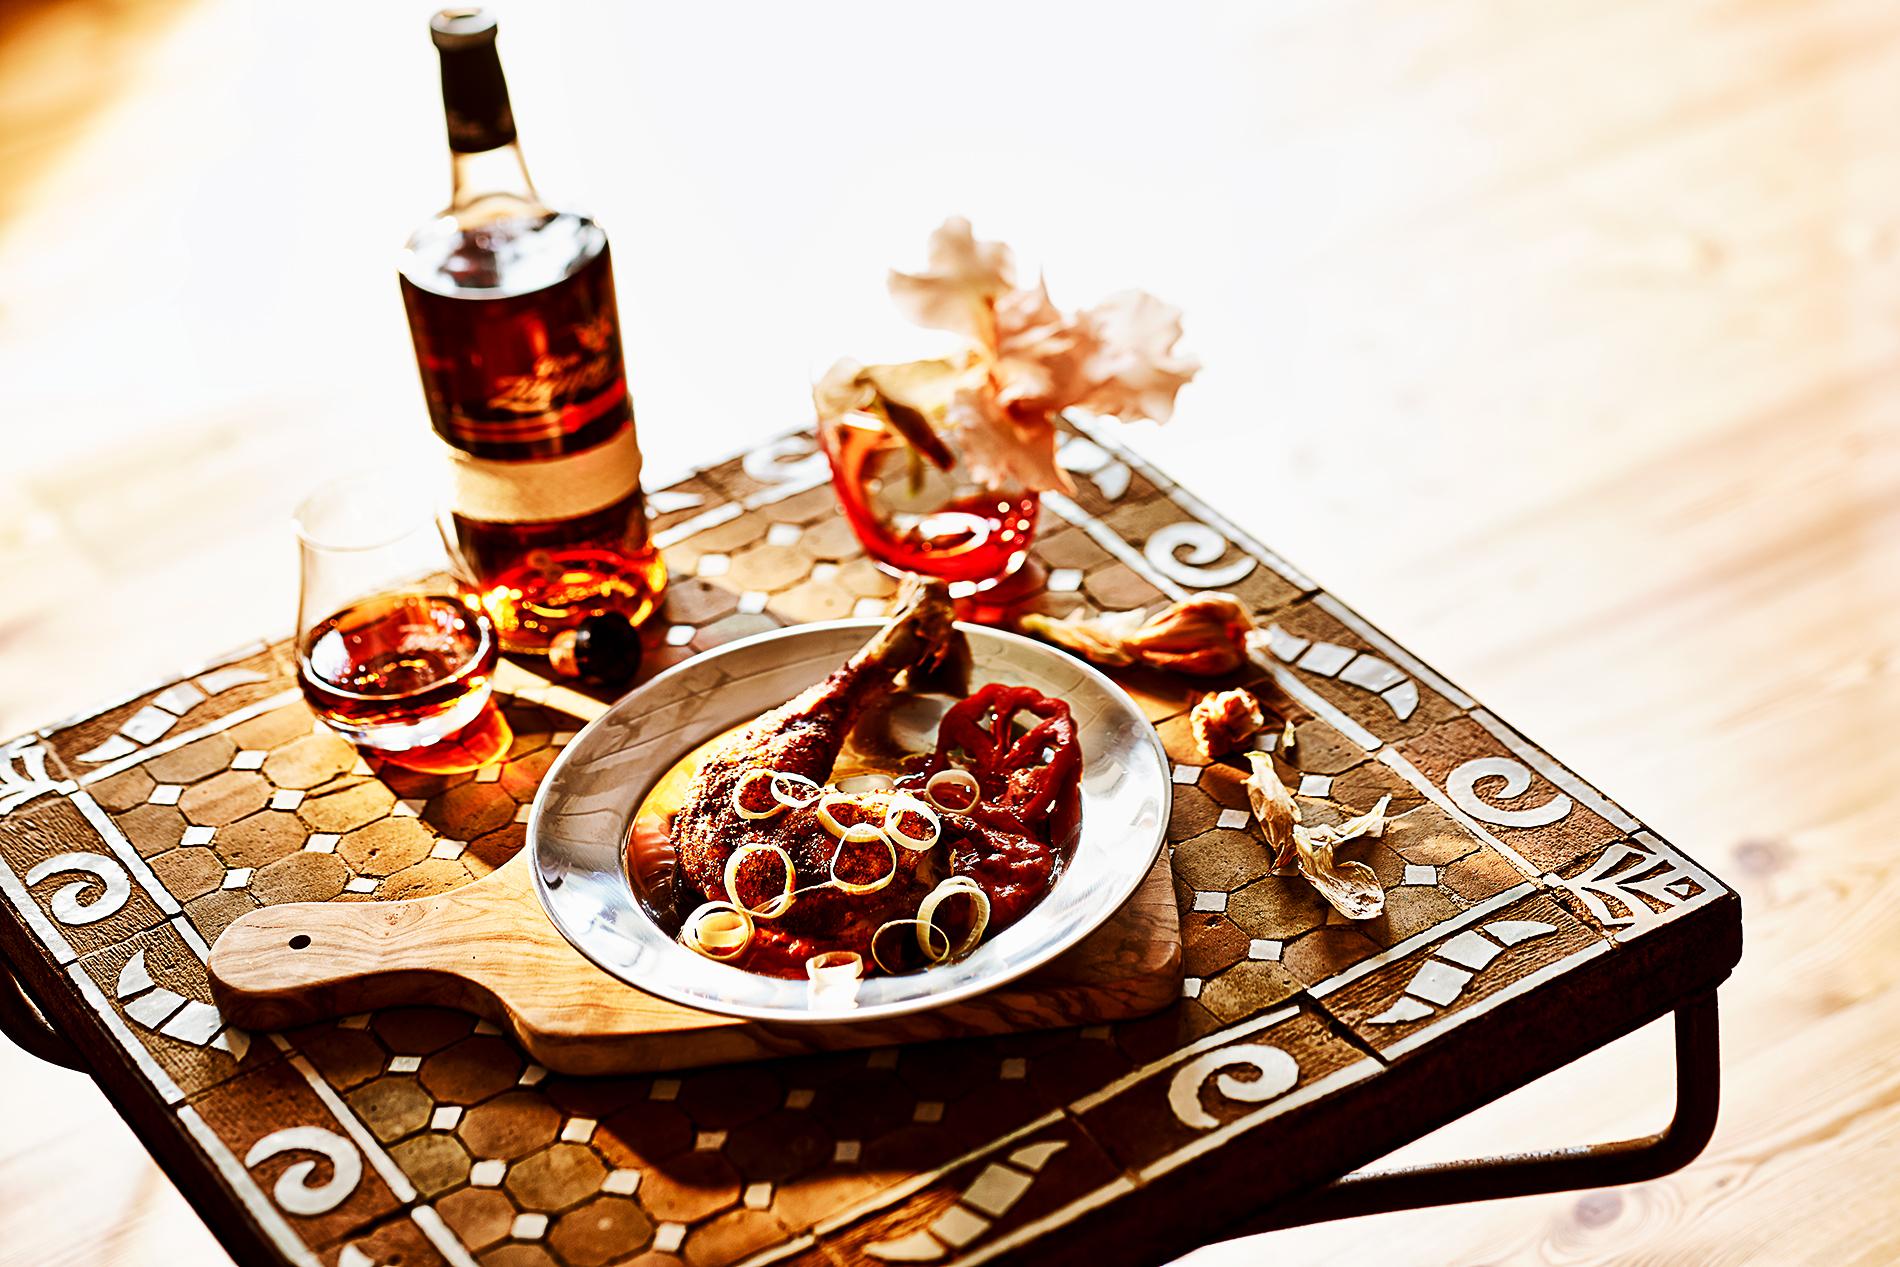 huhn mit schokolade erdnuss und rum cookionista. Black Bedroom Furniture Sets. Home Design Ideas